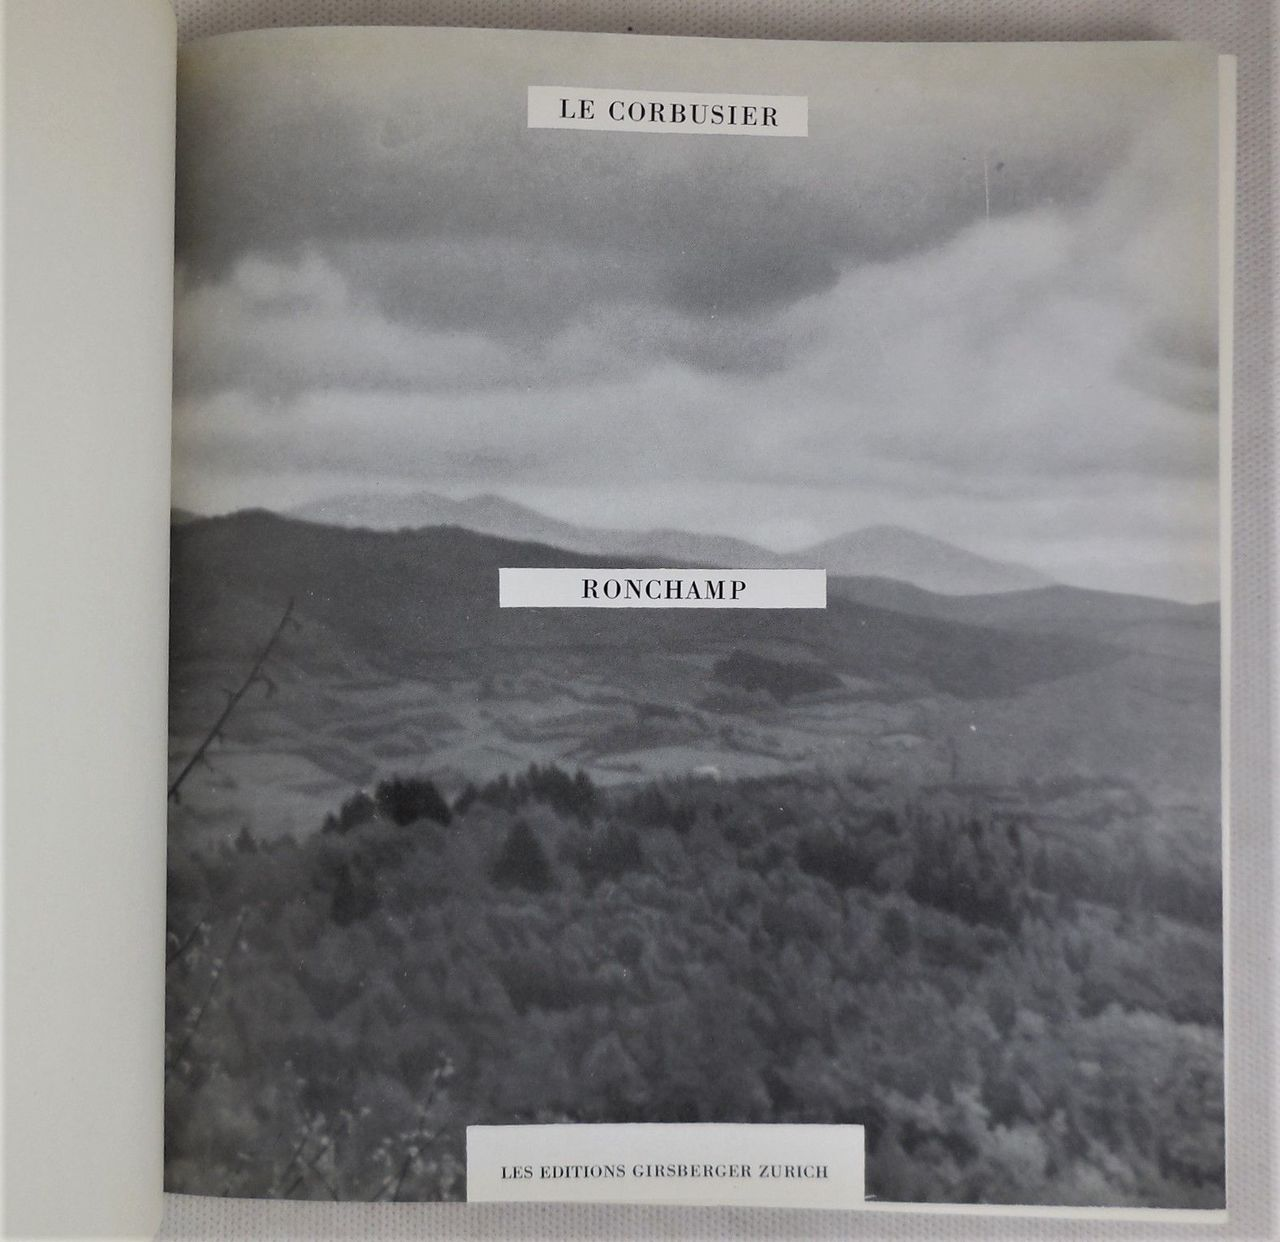 RONCHAMP, by Le Corbusier - 1957